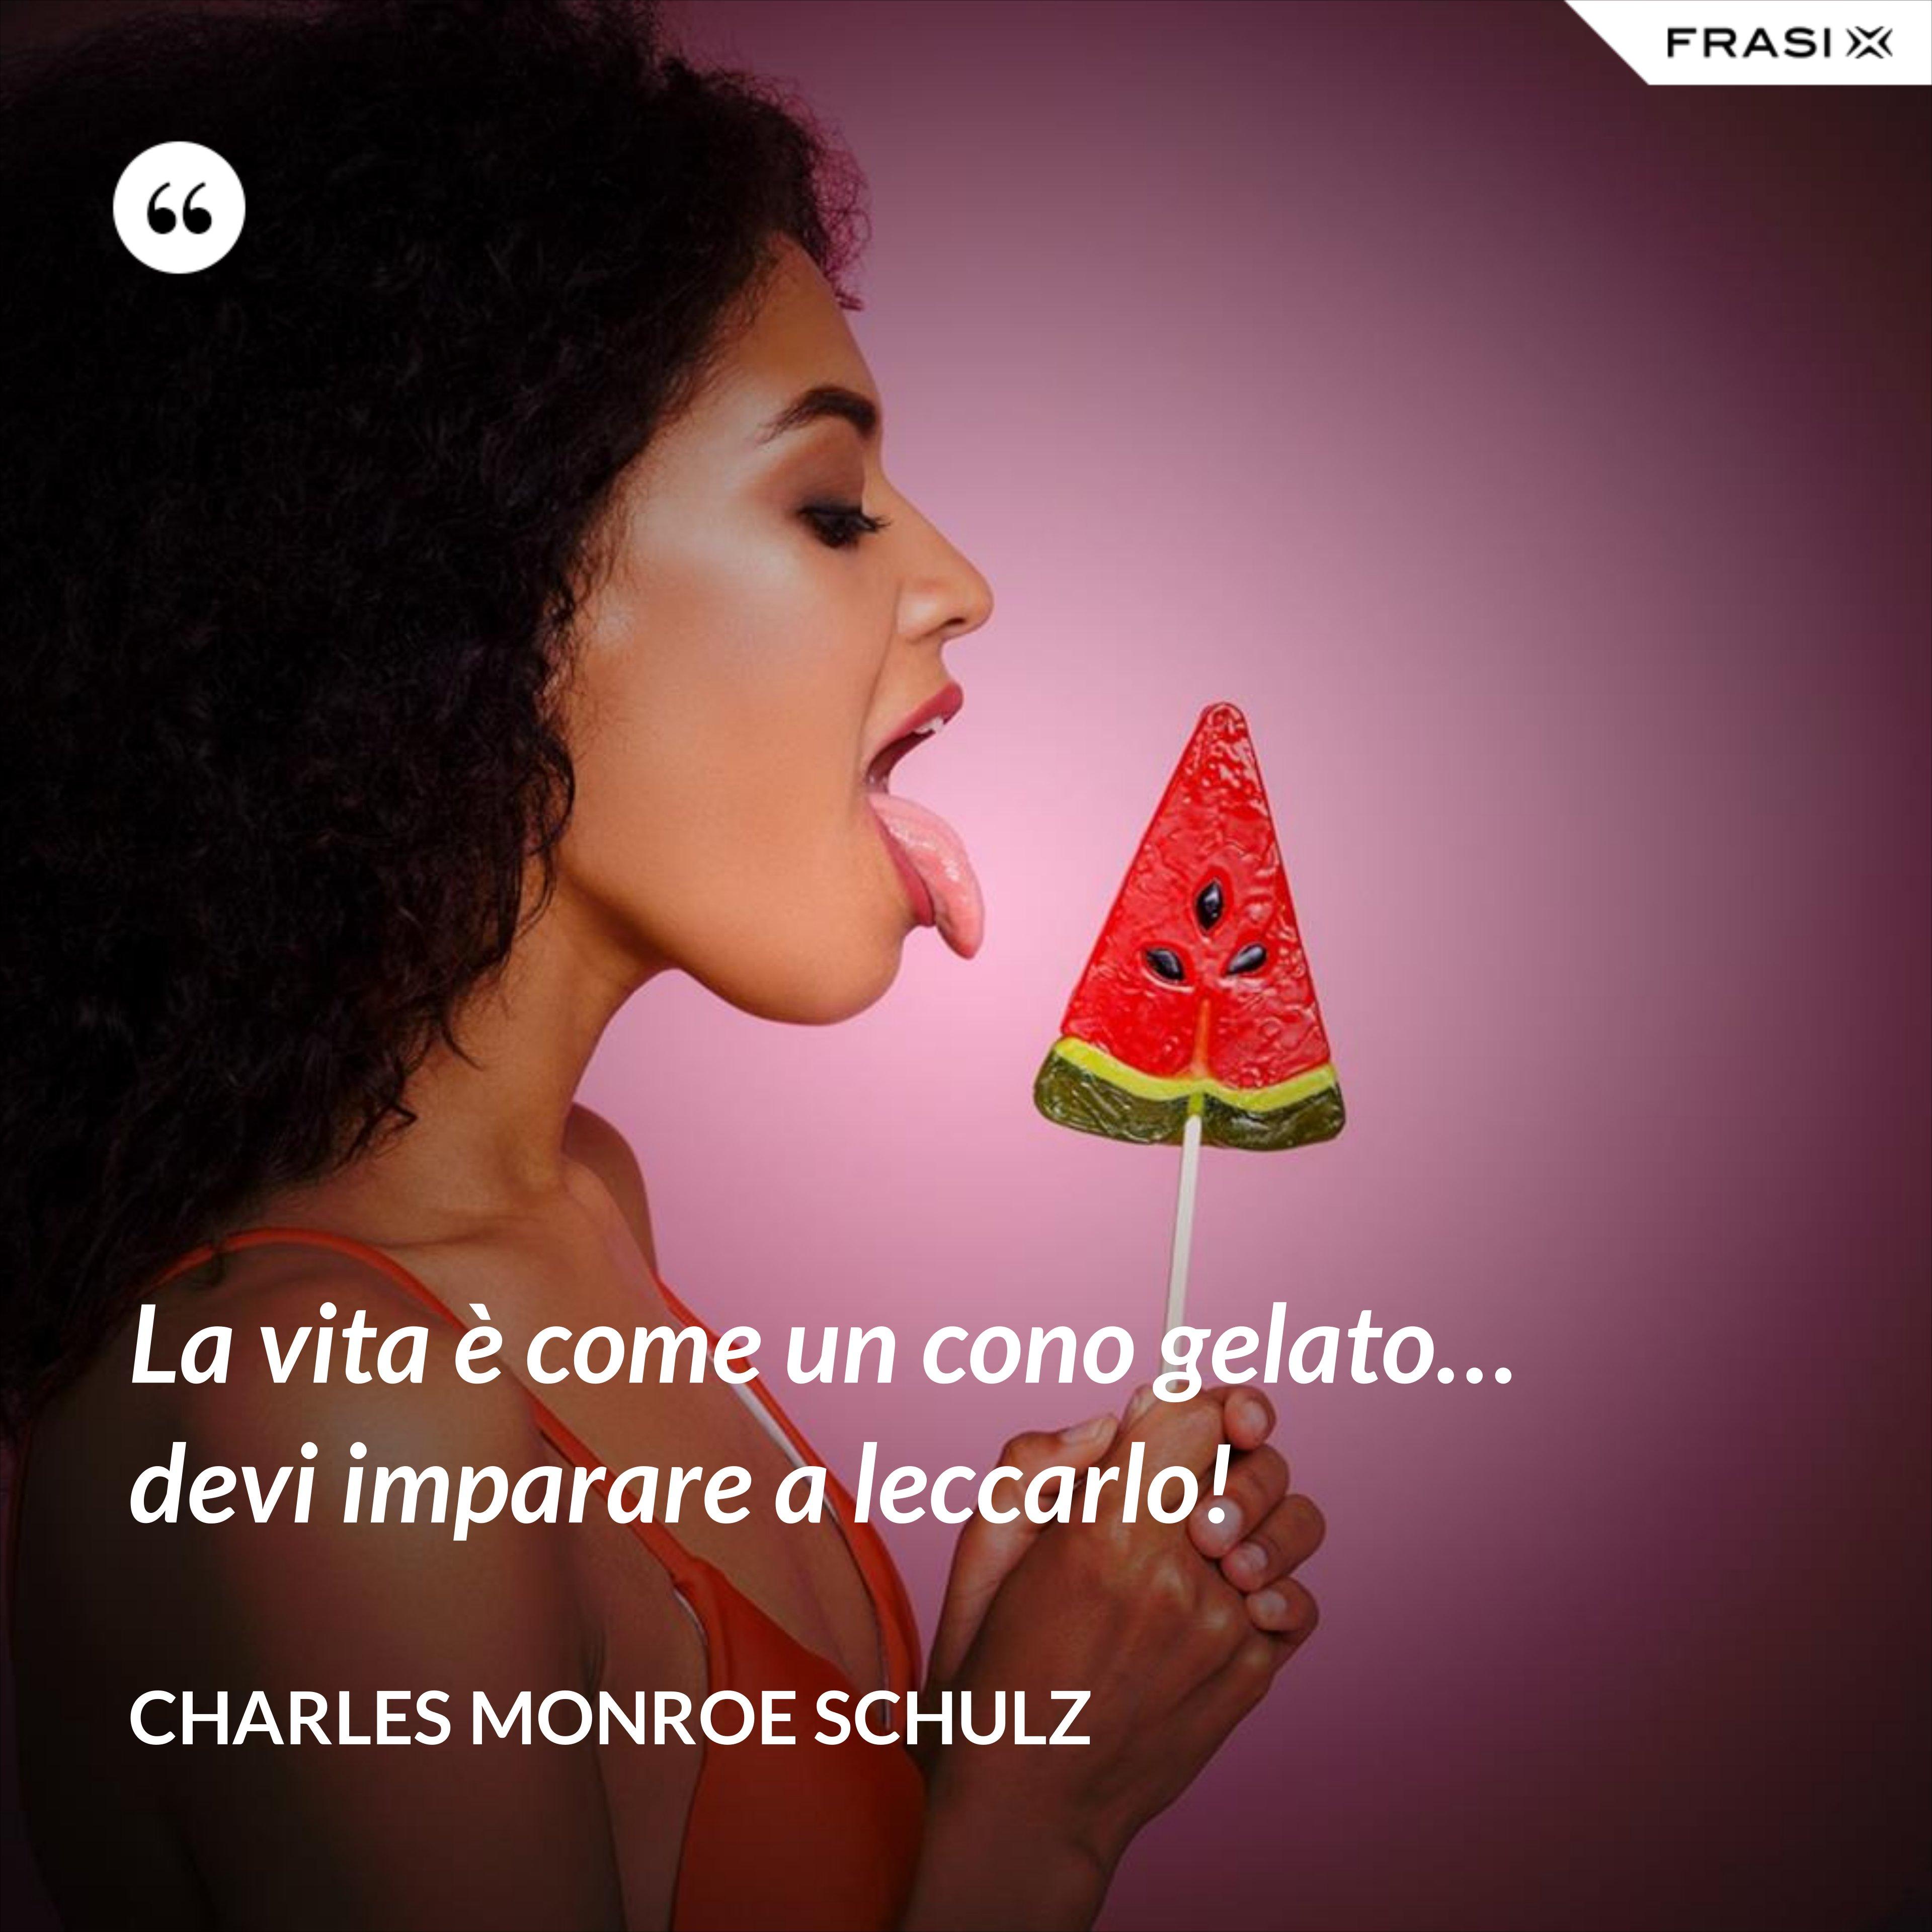 La vita è come un cono gelato… devi imparare a leccarlo! - Charles Monroe Schulz